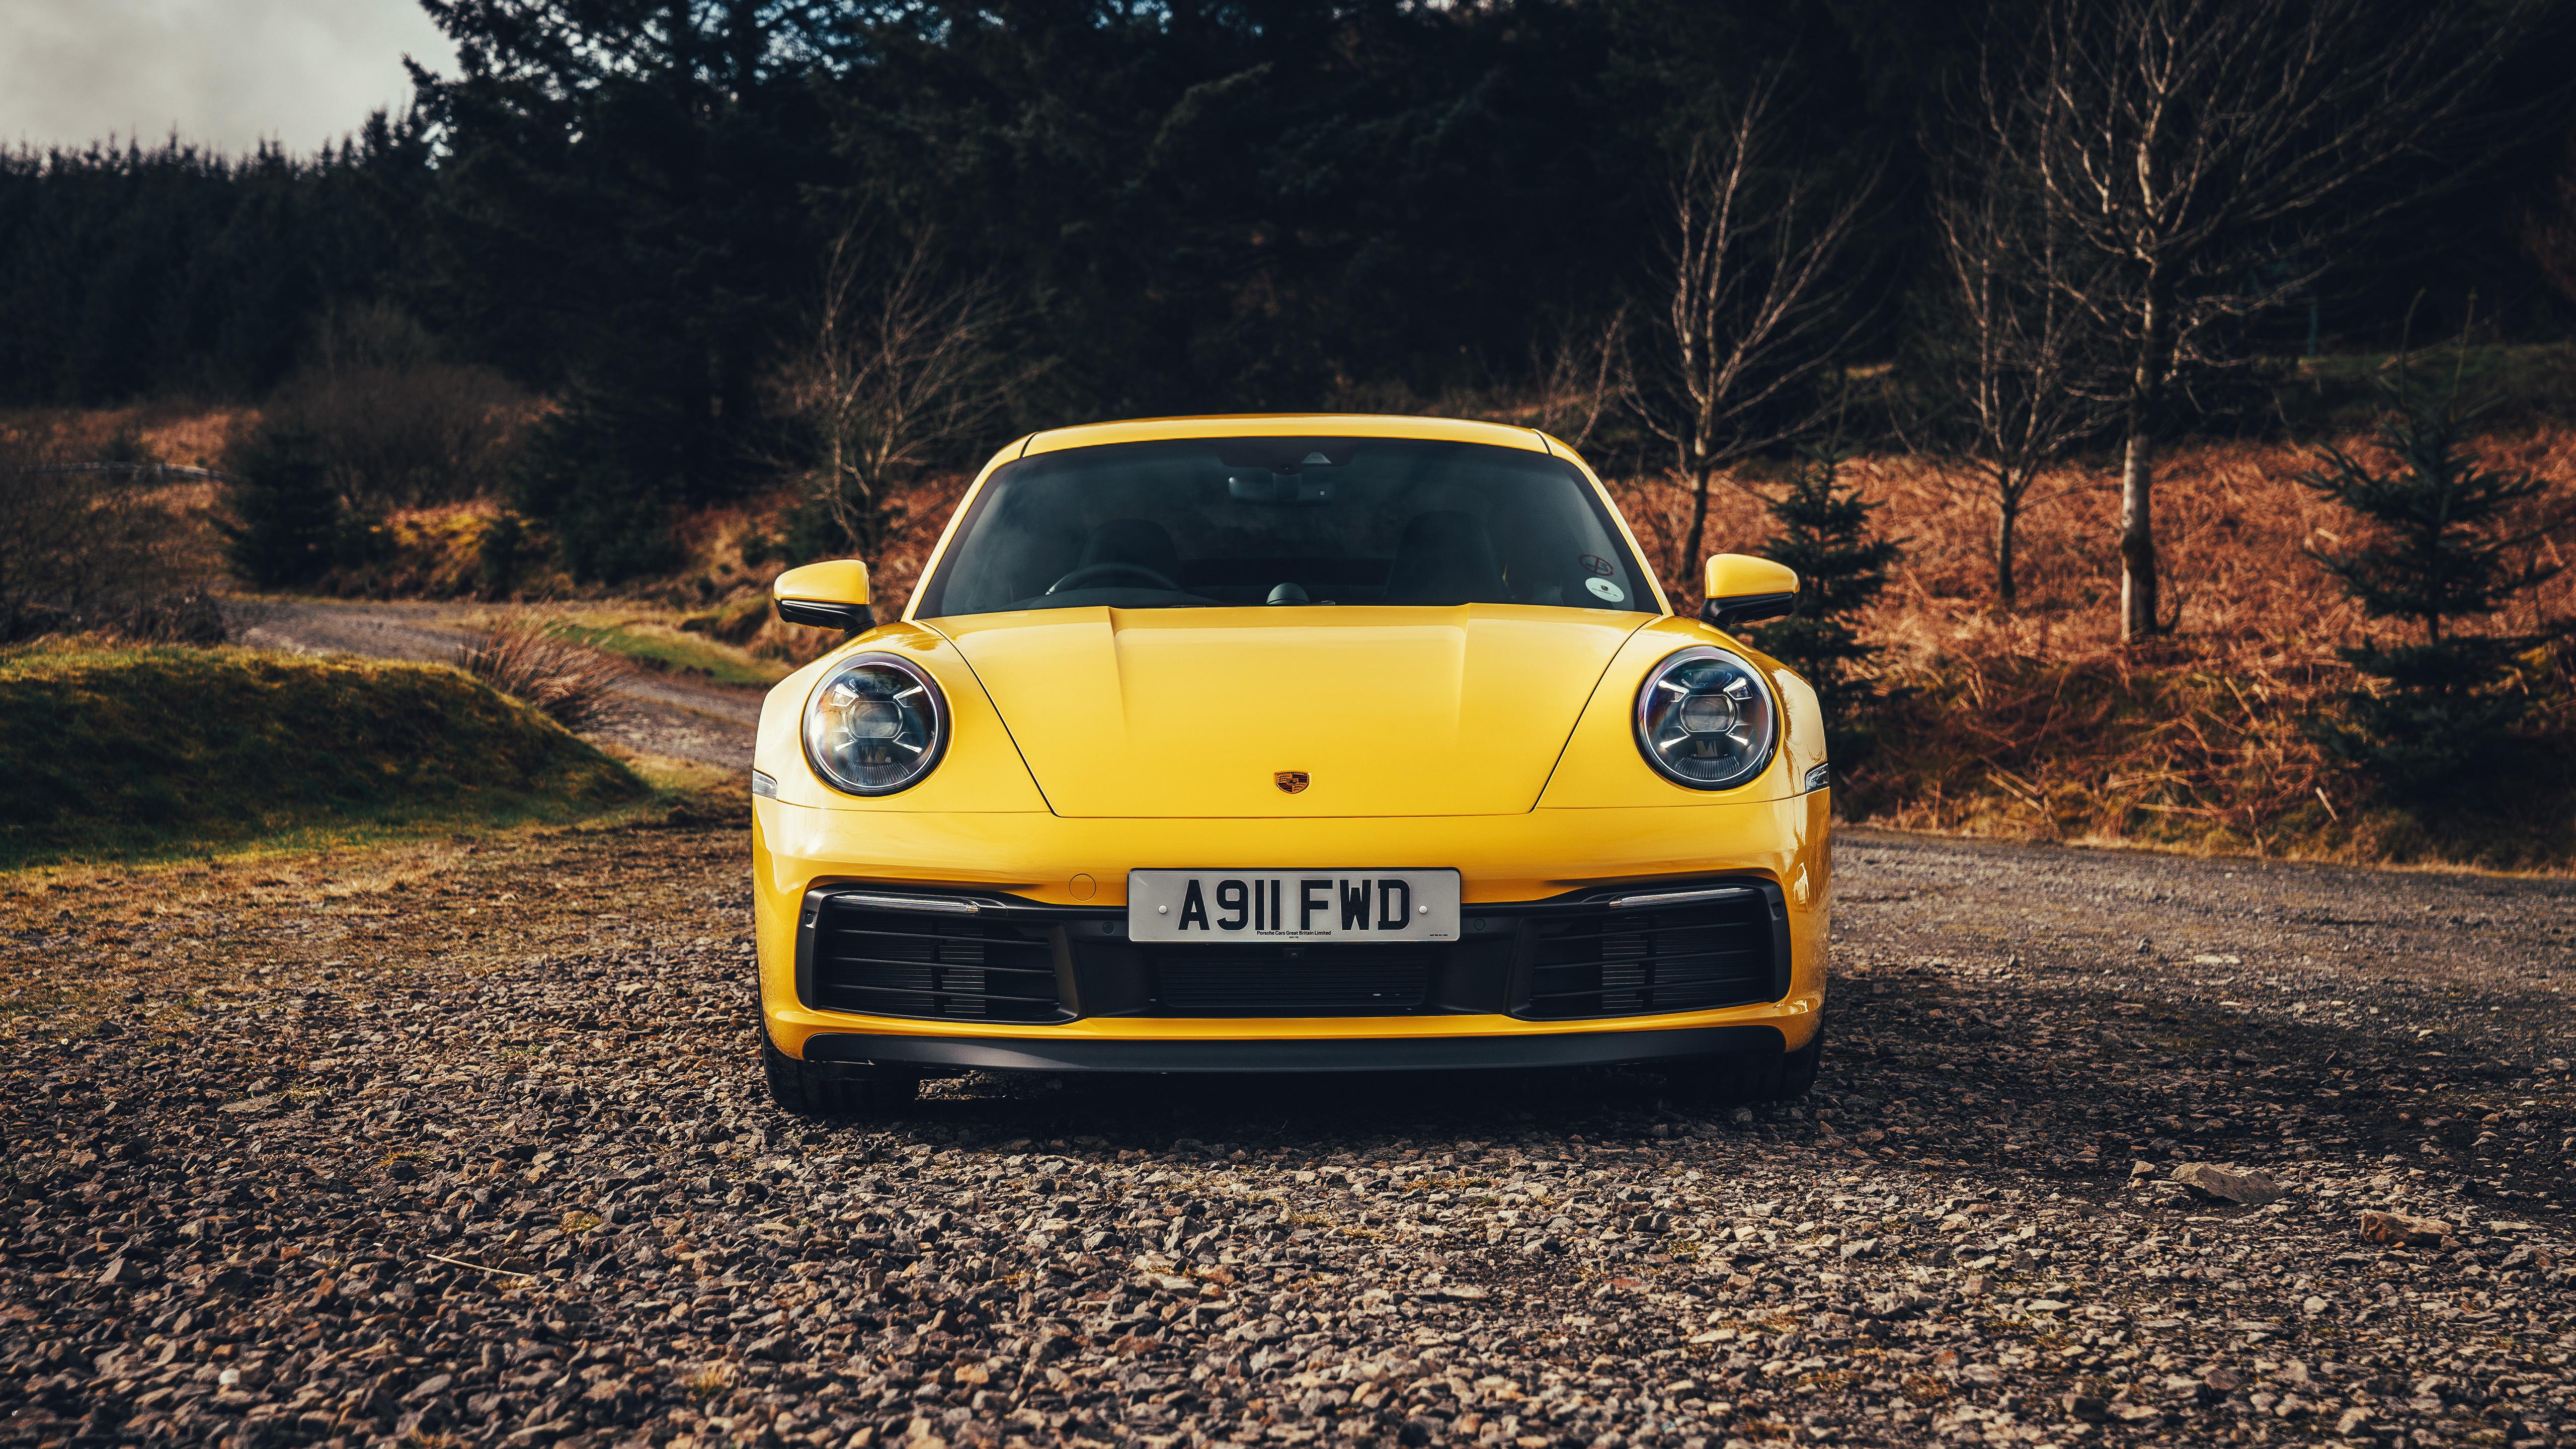 Porsche 911 Carrera 4s 2019 5k Wallpaper Hd Car Wallpapers Id 12403